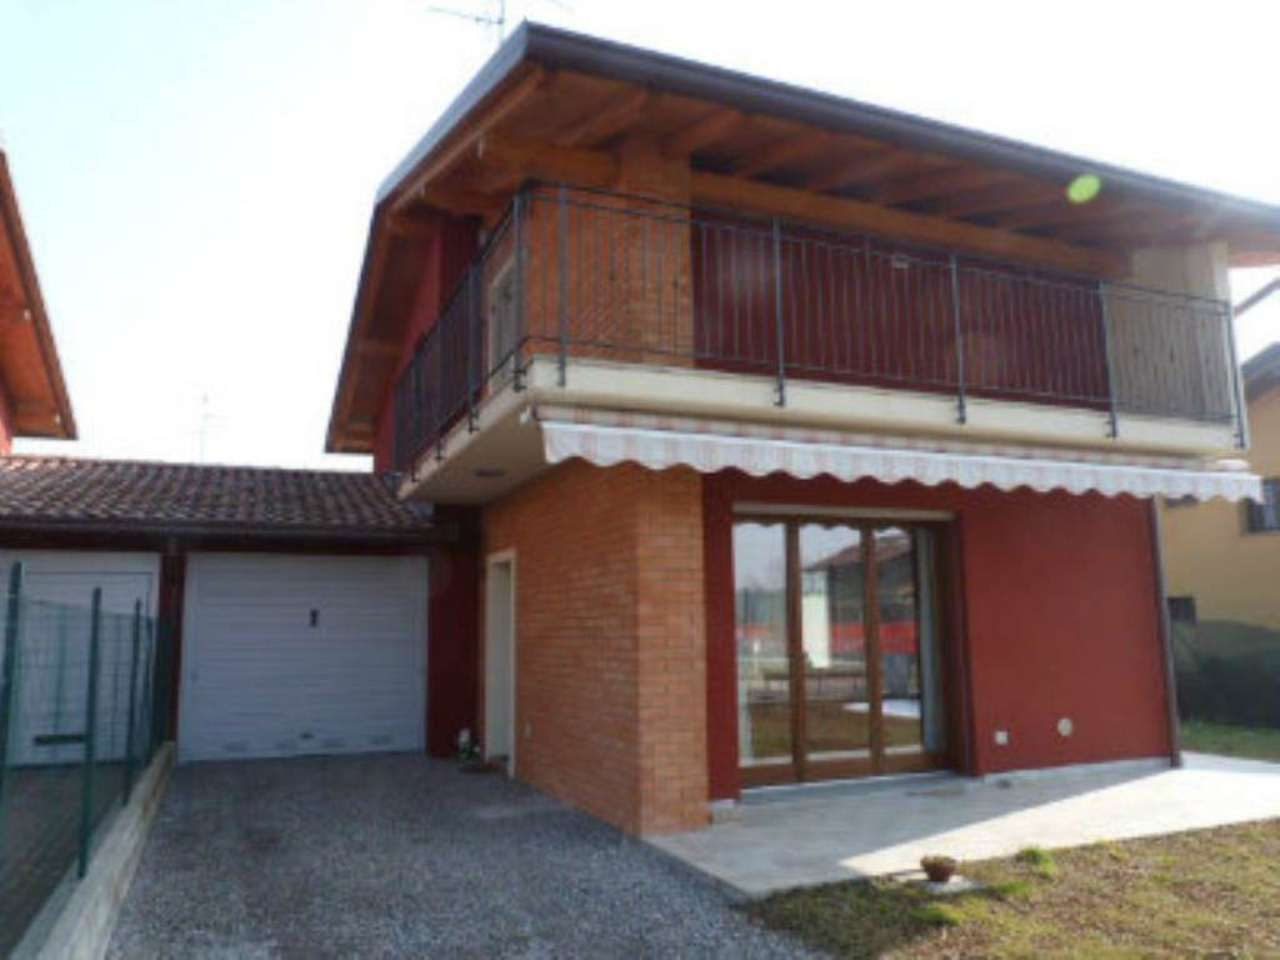 Villa in vendita a Limido Comasco, 5 locali, prezzo € 299.000 | CambioCasa.it